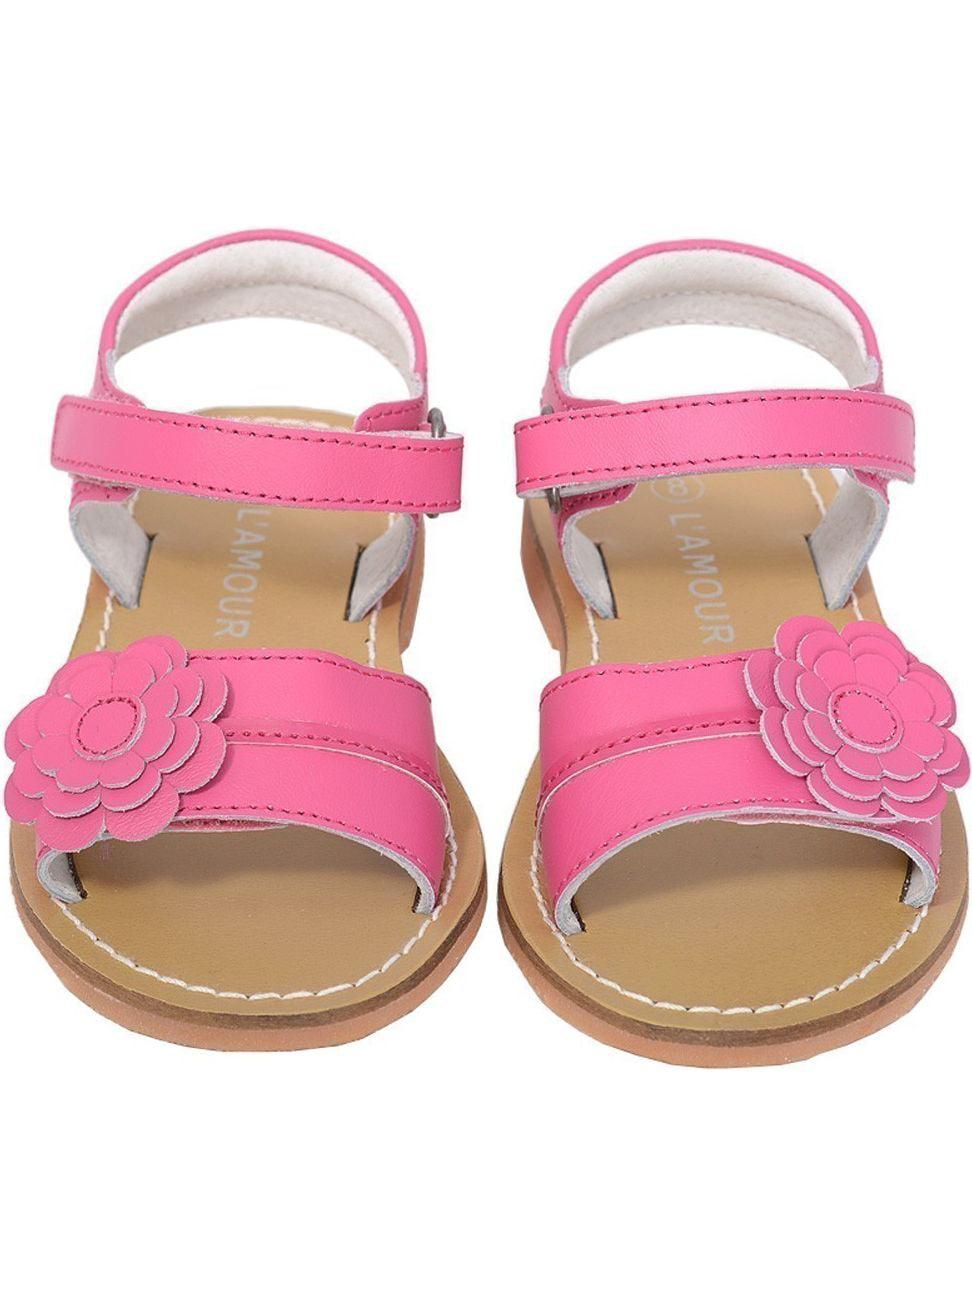 L'Amour Fuchsia Flower Spring Summer Sandal Shoe Toddler Girl 5-10